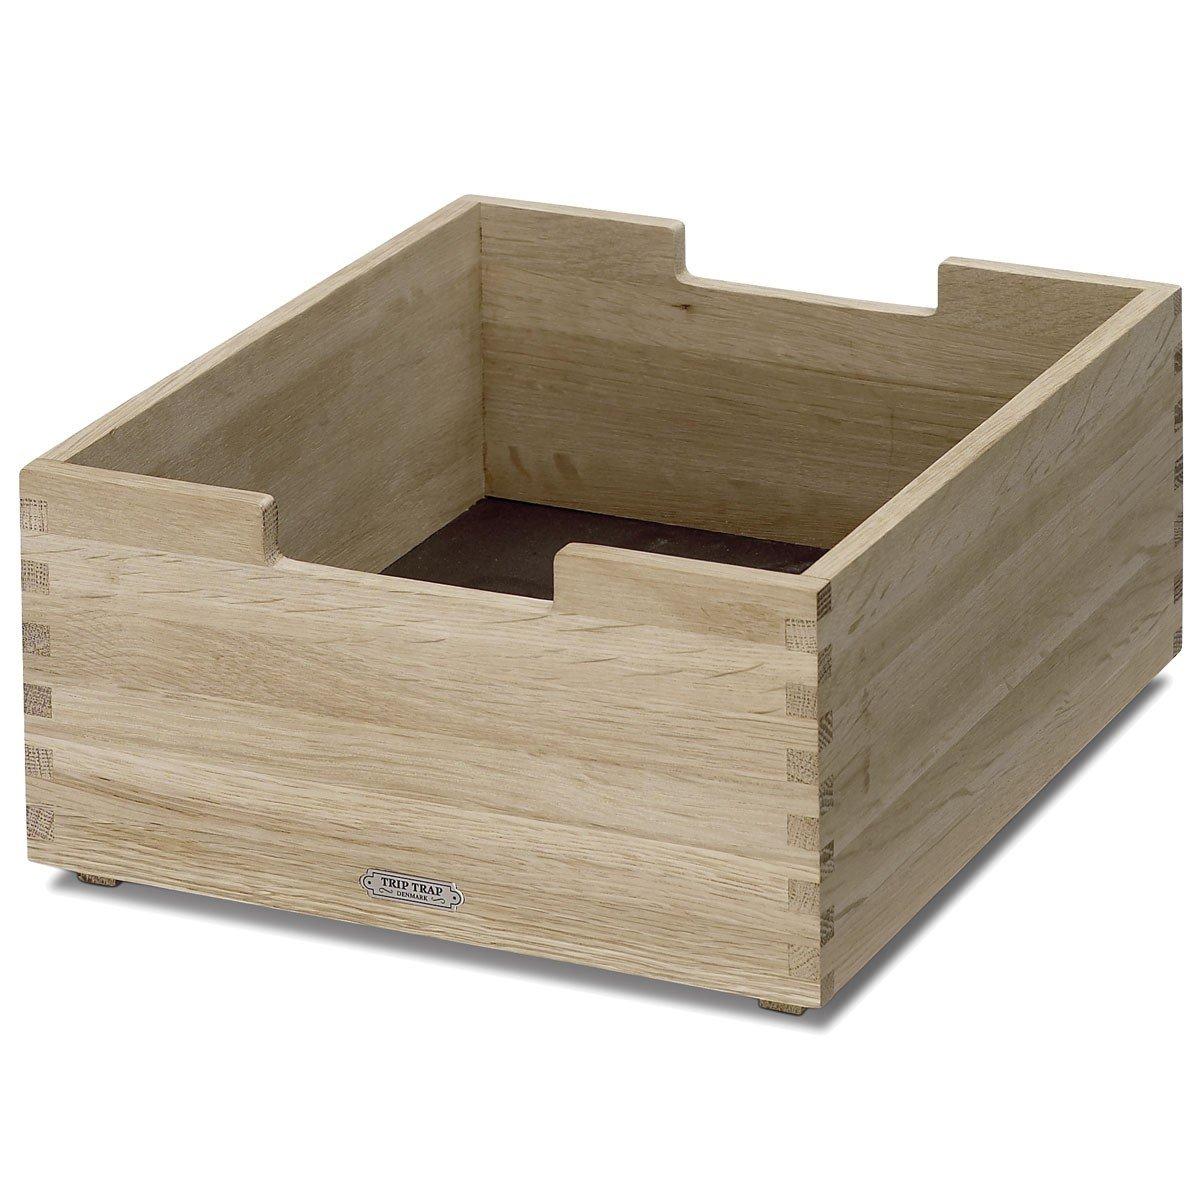 CUTTER CUTTER CUTTER Box eiche - (S1920435) 70edc8